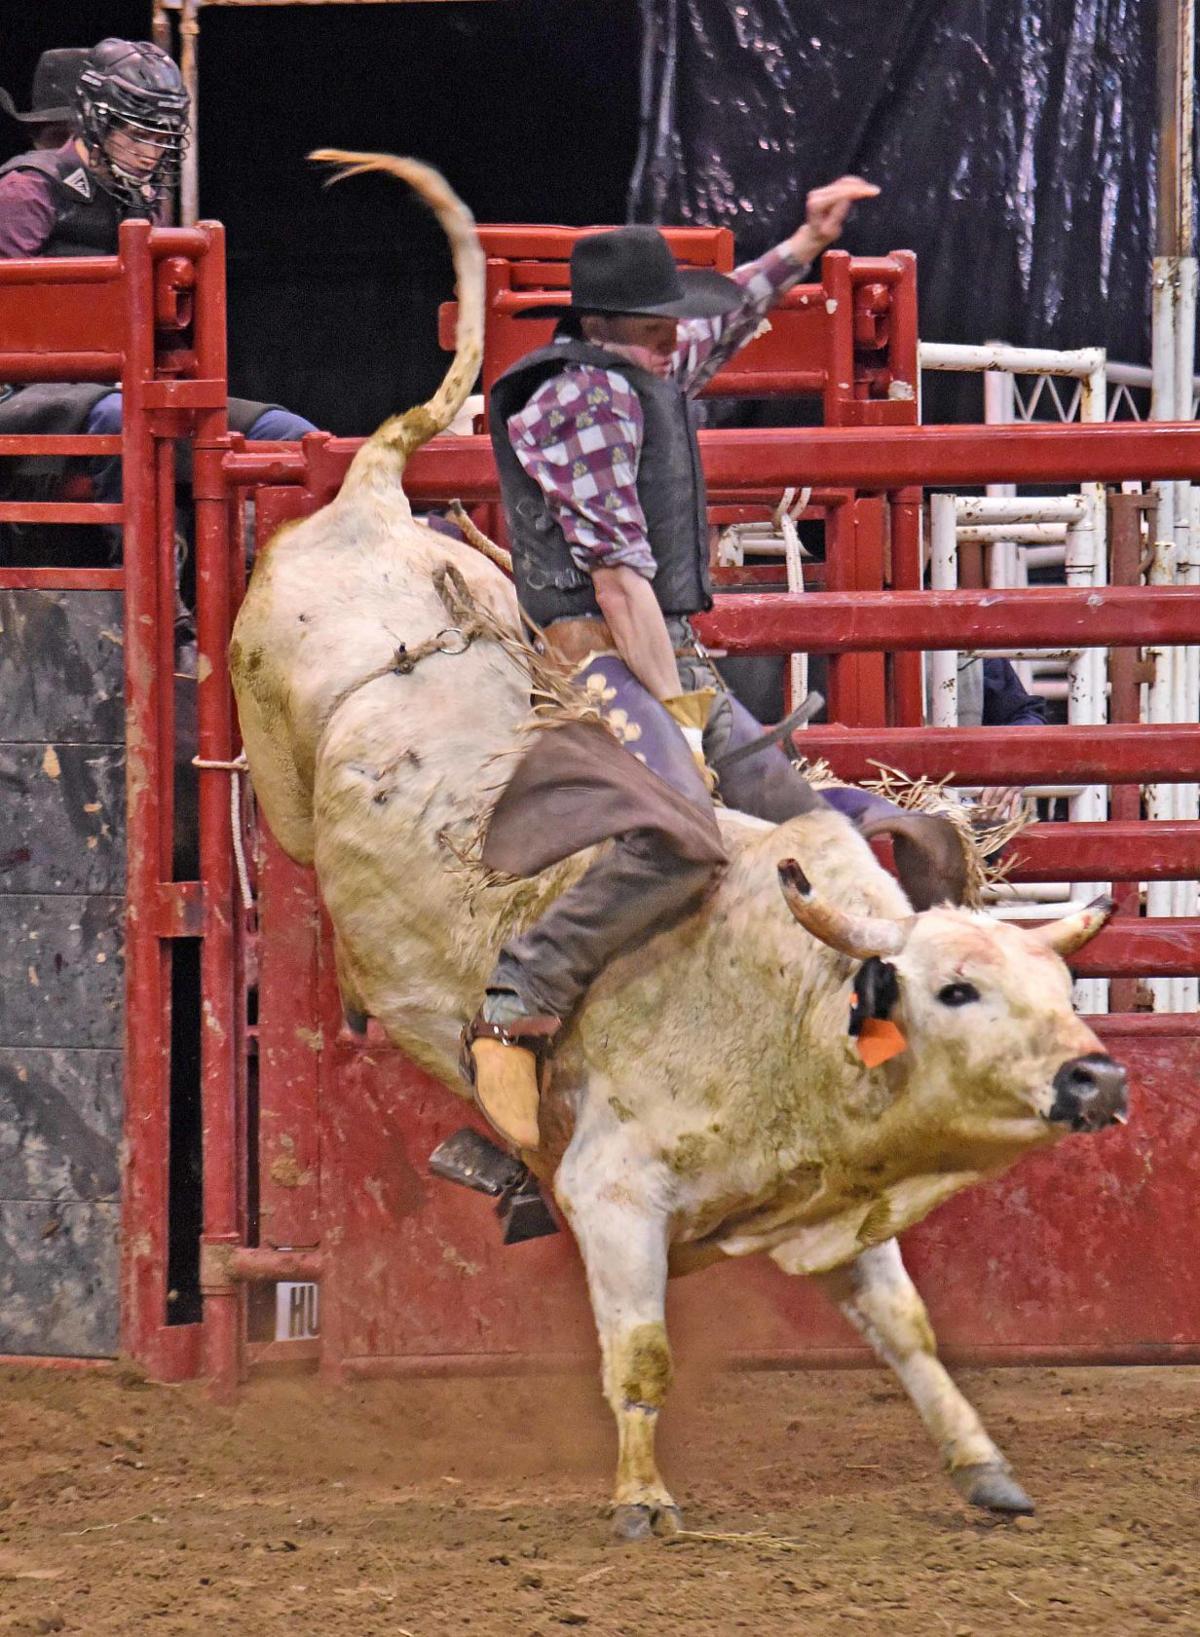 020819-spt-bulls2.jpg